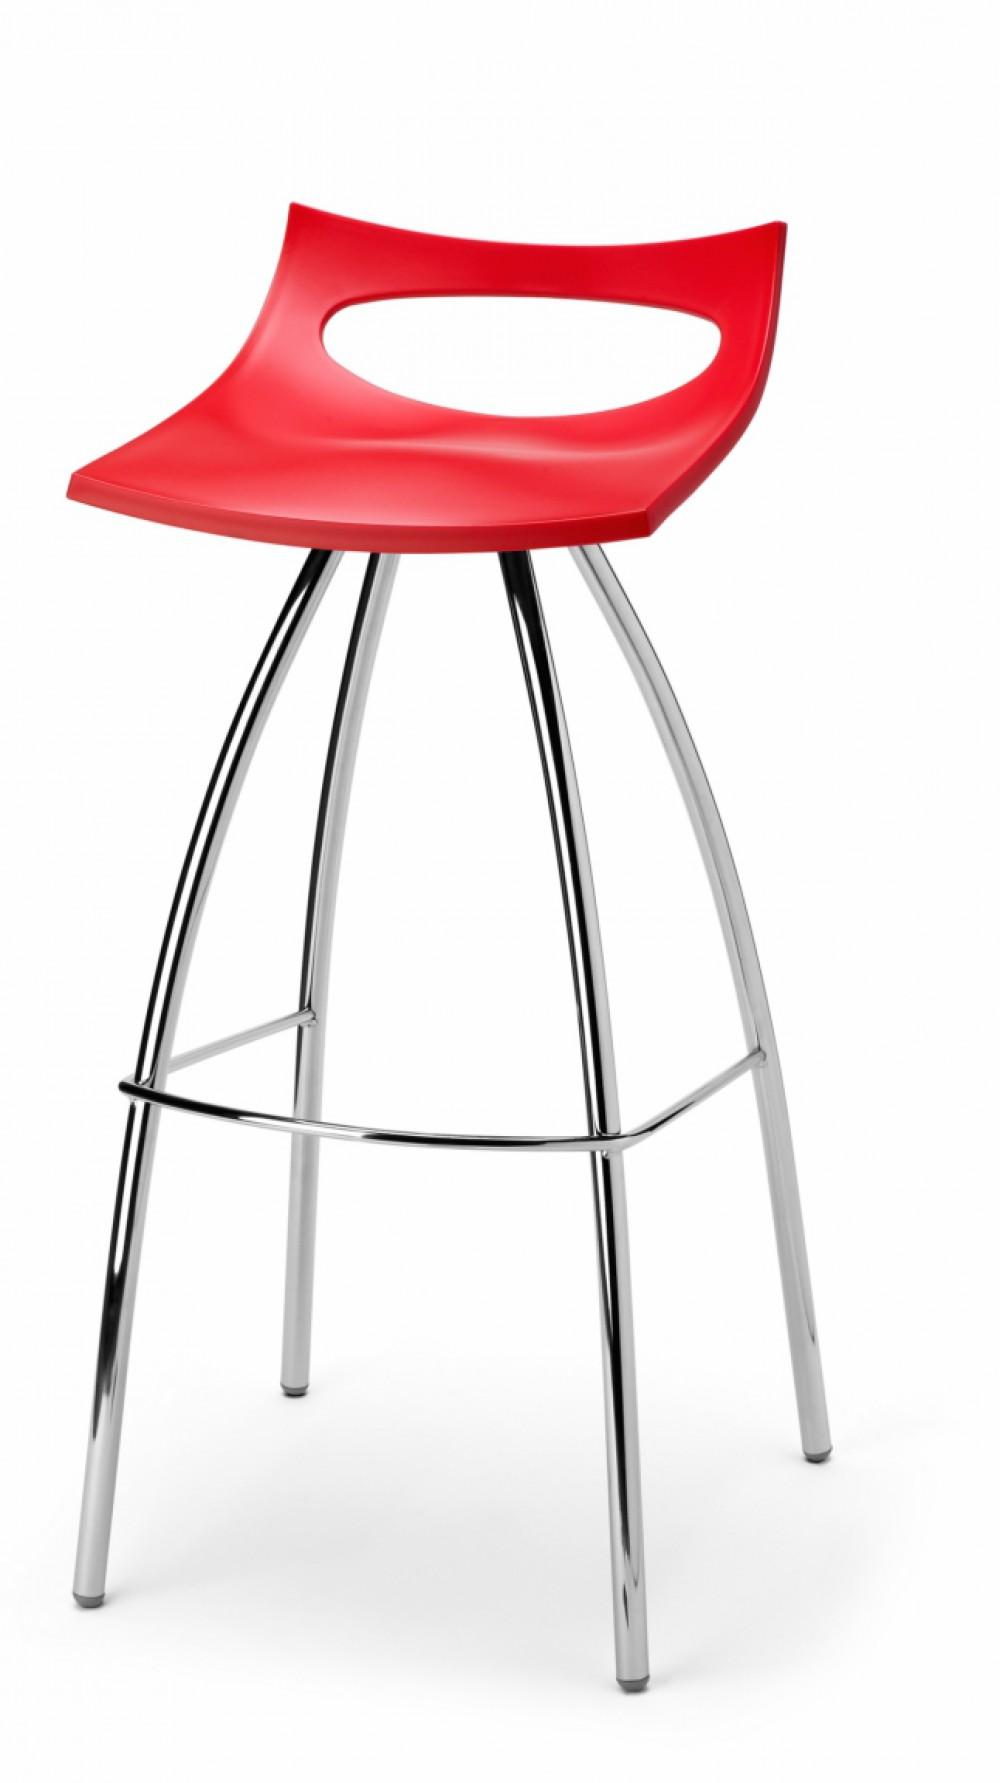 design barhocker farbe rot sitzh he 65 cm. Black Bedroom Furniture Sets. Home Design Ideas